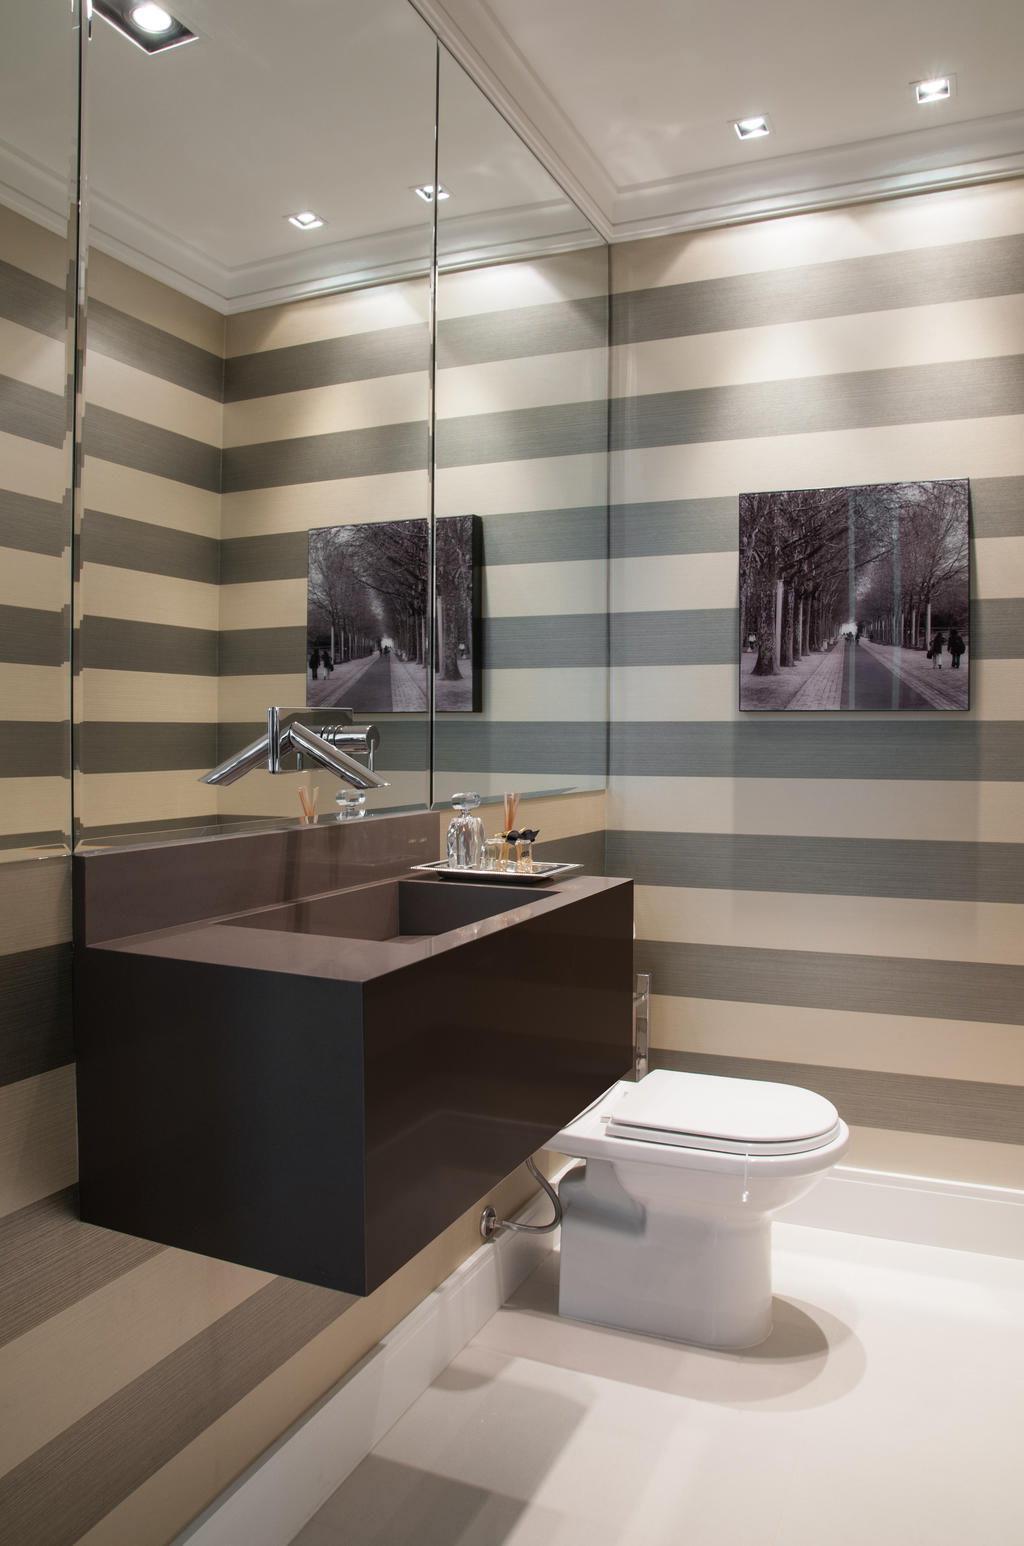 NO BANHEIRO CUBA ESCULPIDA em silestone torneira de parede espelho  #786653 1024x1546 Banheiro Com Amadeirado